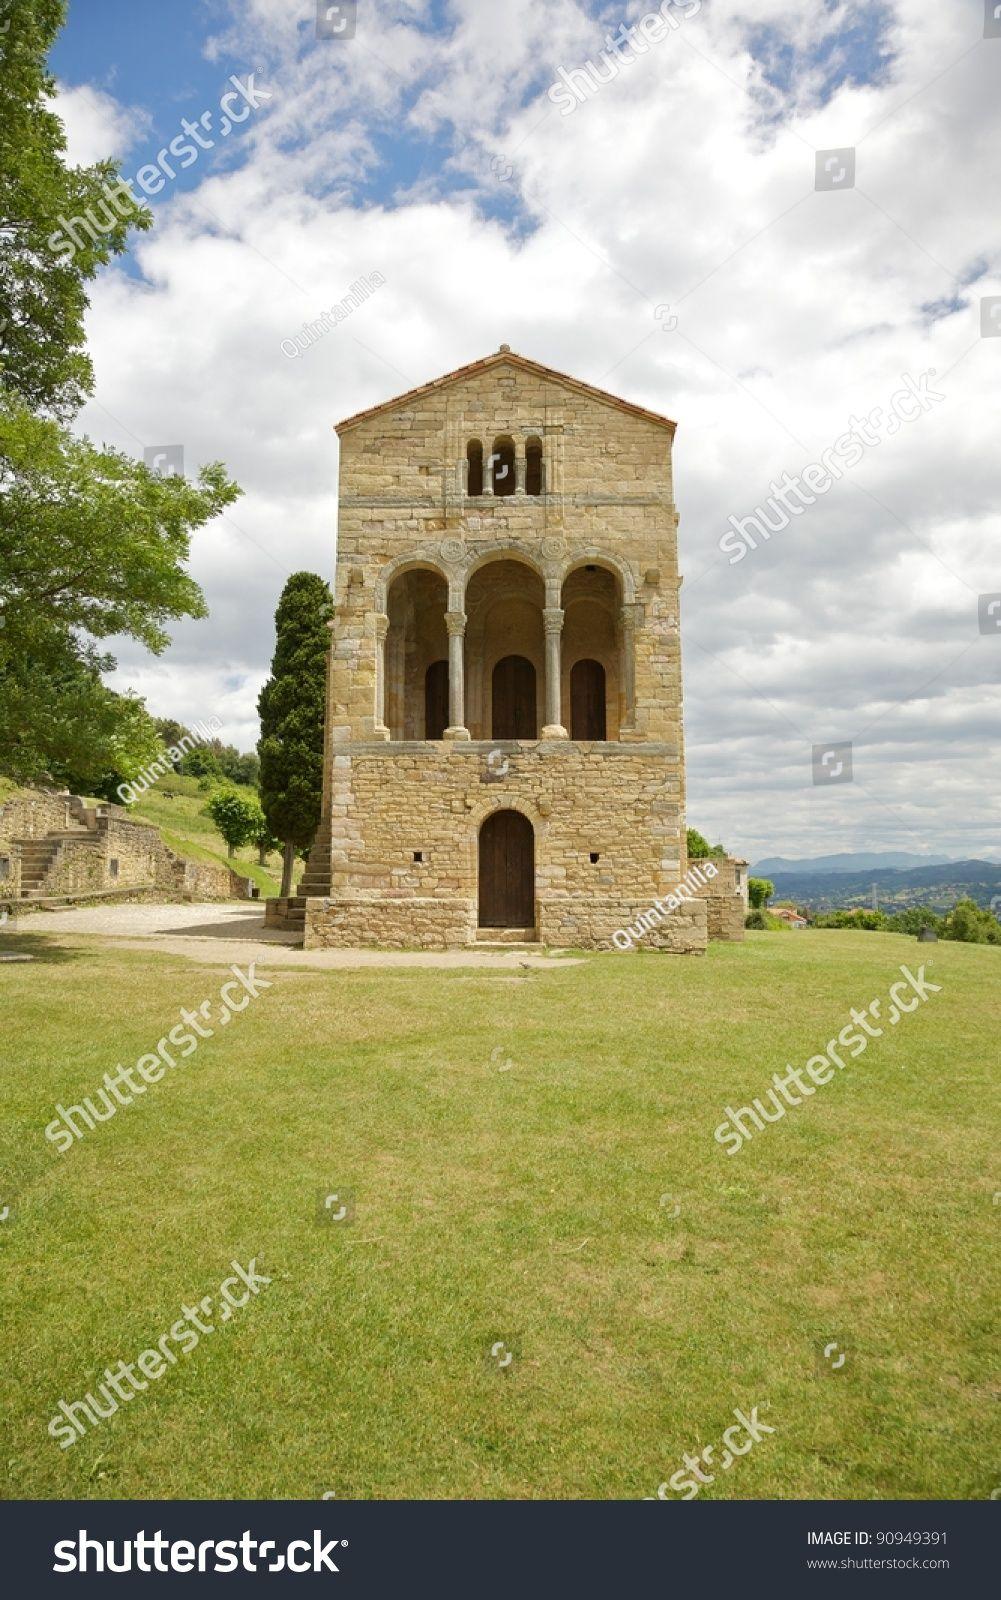 IX century Santa Maria del Naranco church near Oviedo city